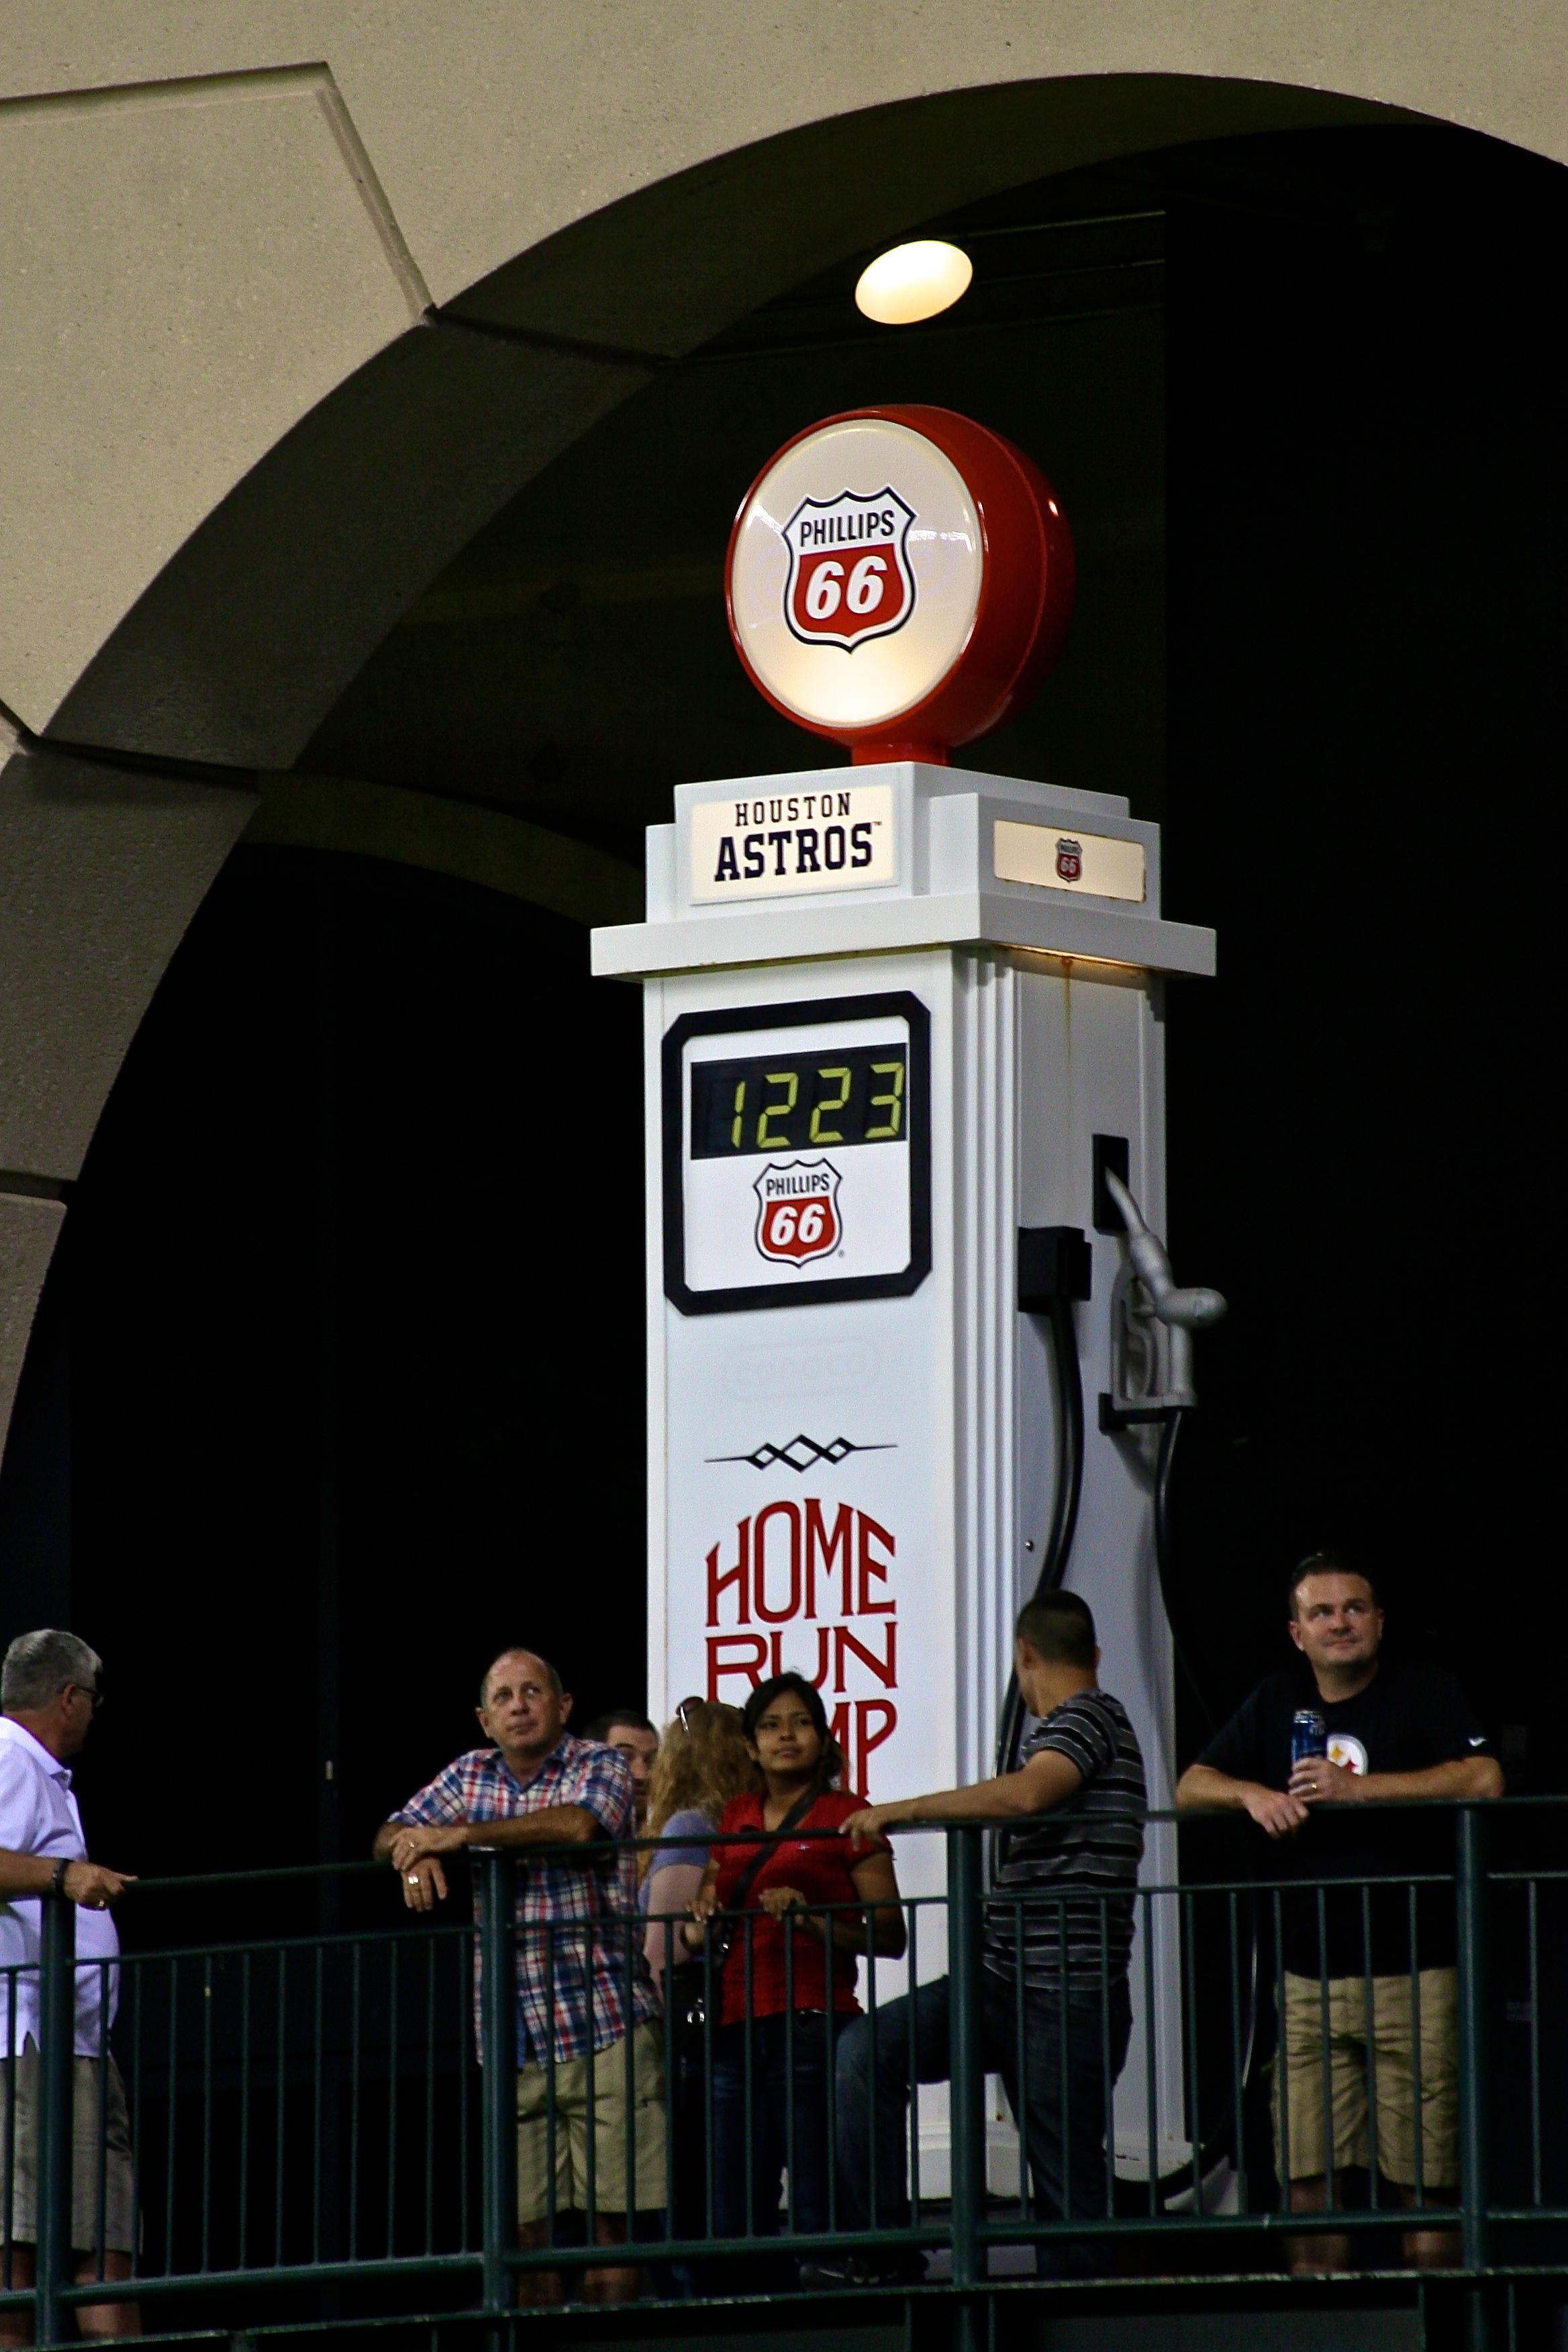 Gas pump in center